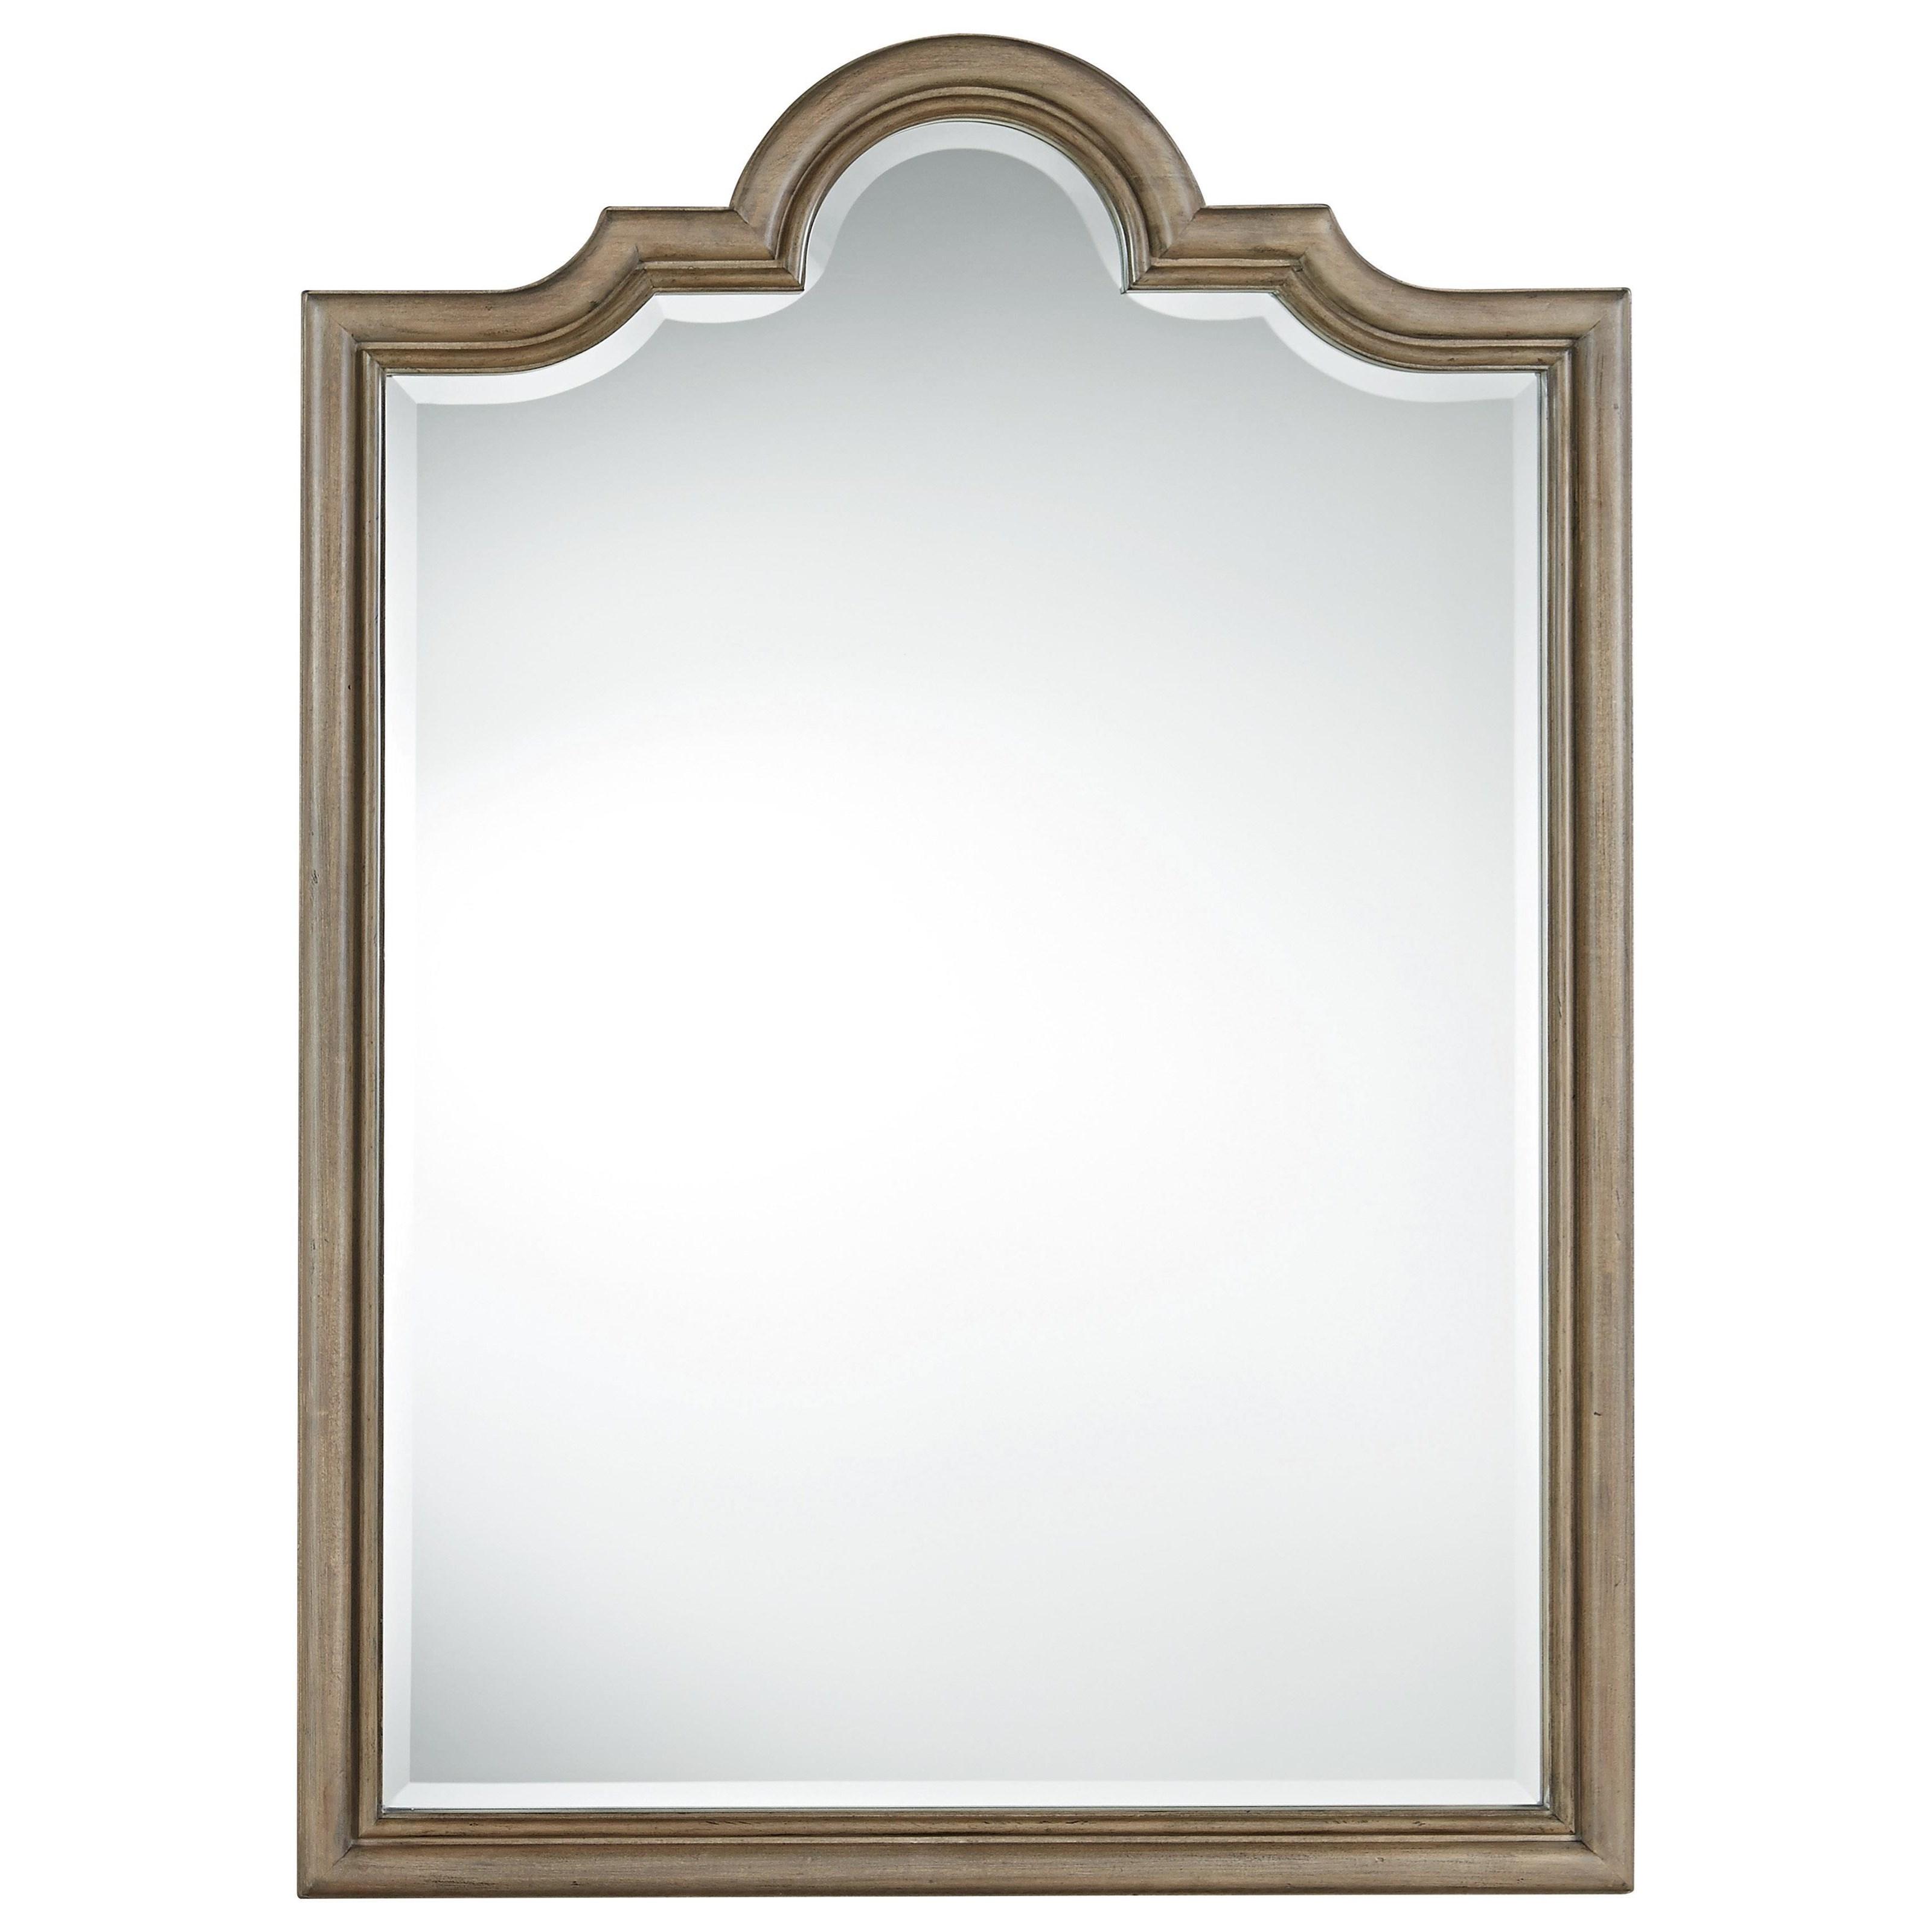 Universal Authenticity Francesco Mirror - Item Number: 57202M